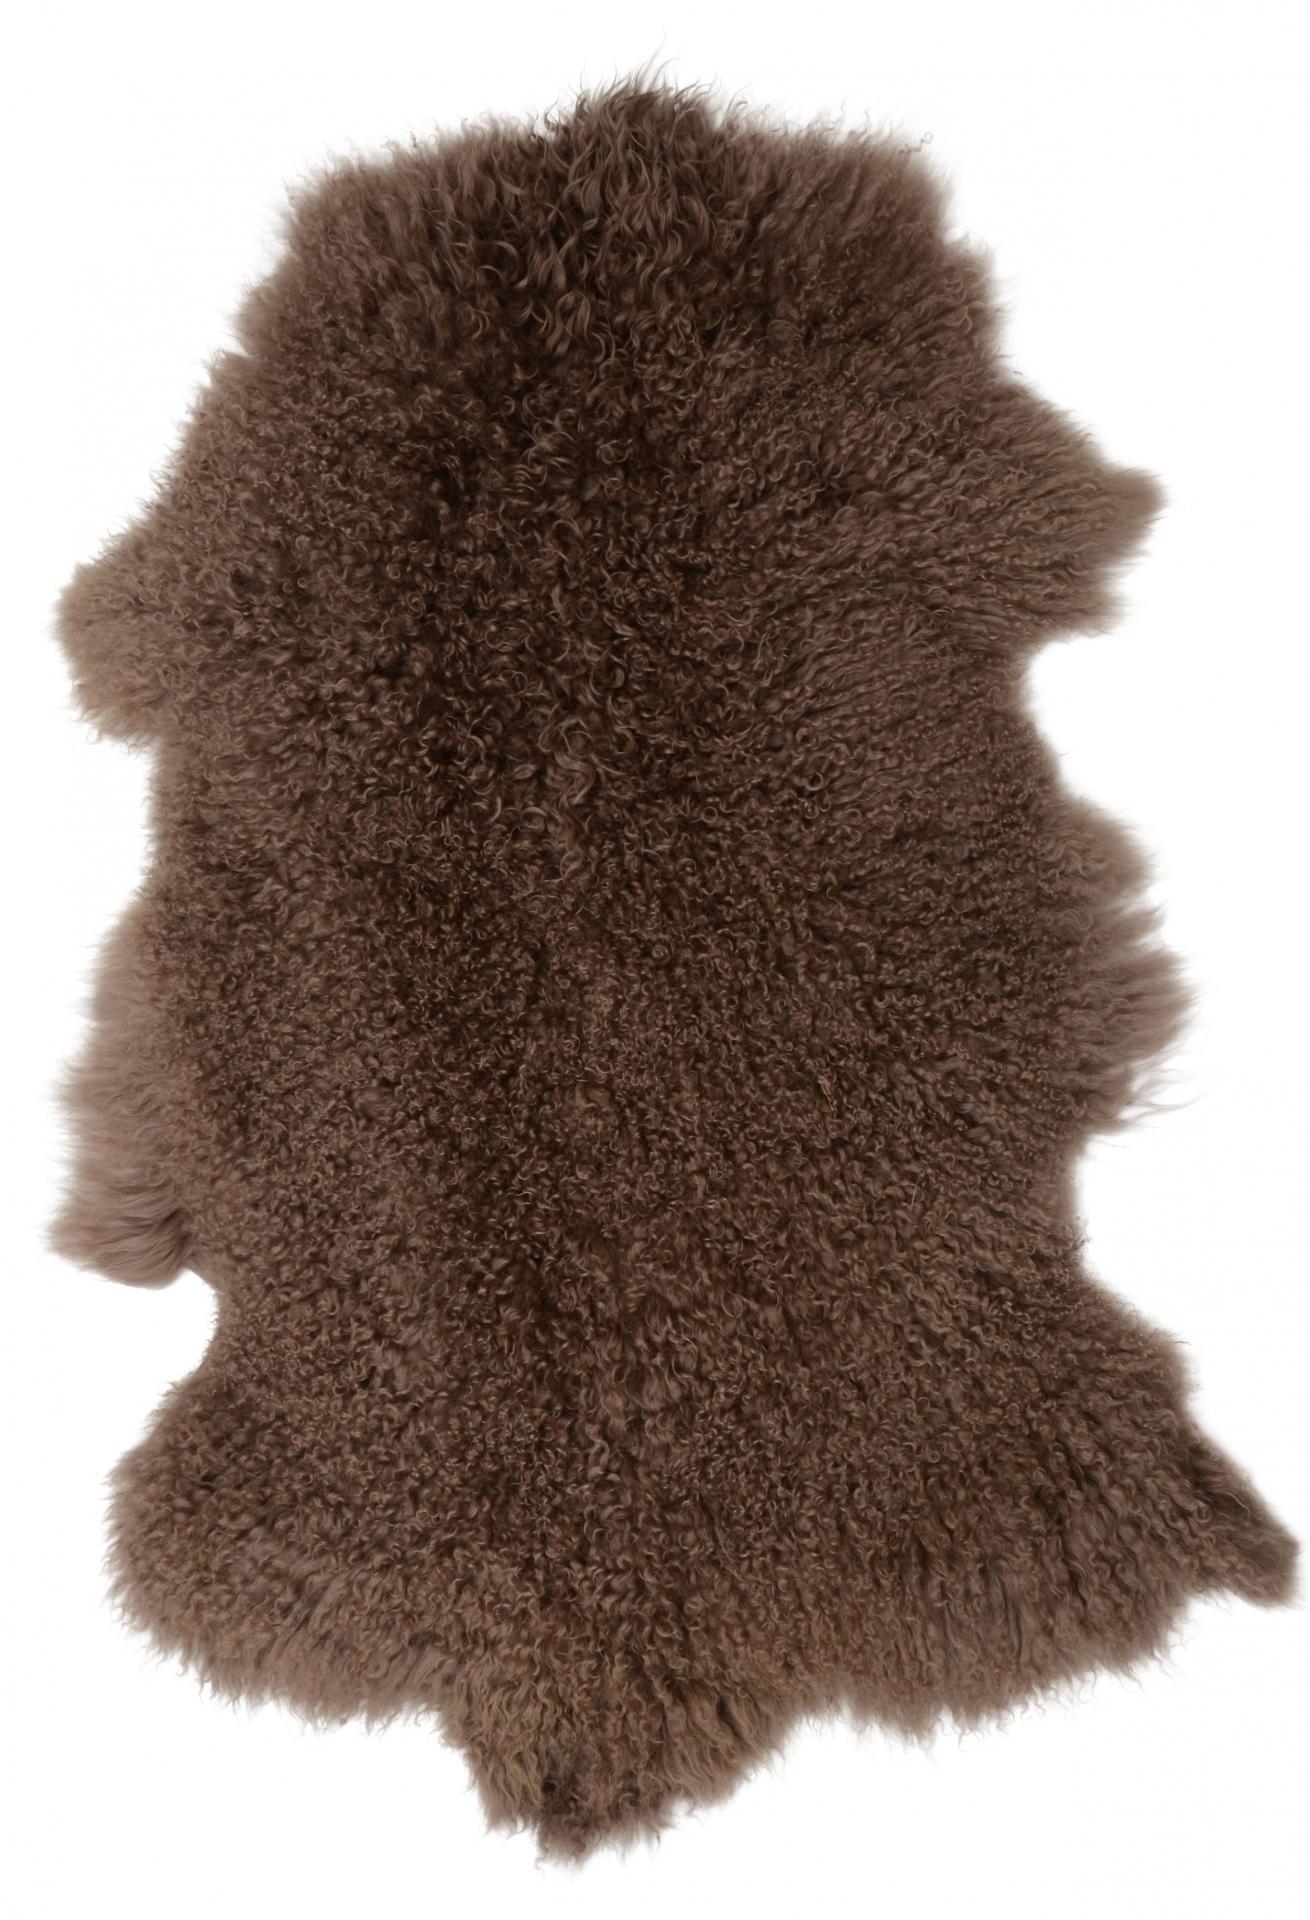 IB LAURSEN Tibetská ovčí kožešina Brown Hnědá